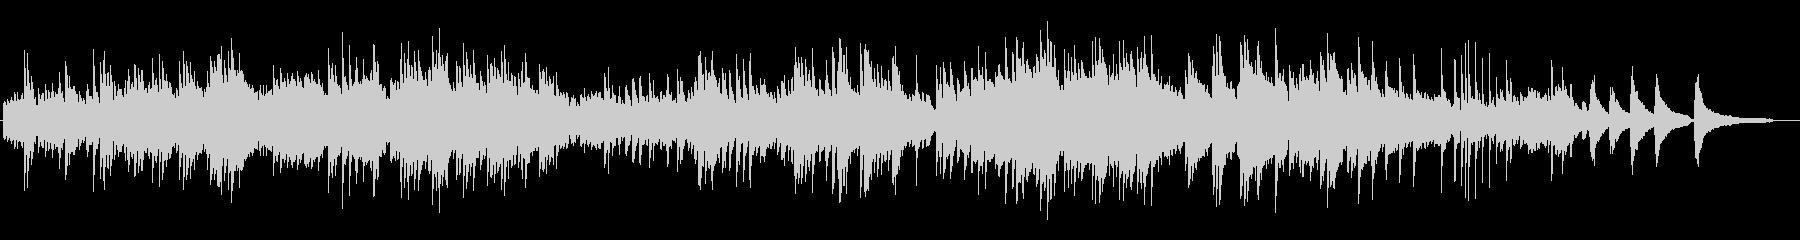 素朴で暖かいクラシック的なピアノBGMの未再生の波形